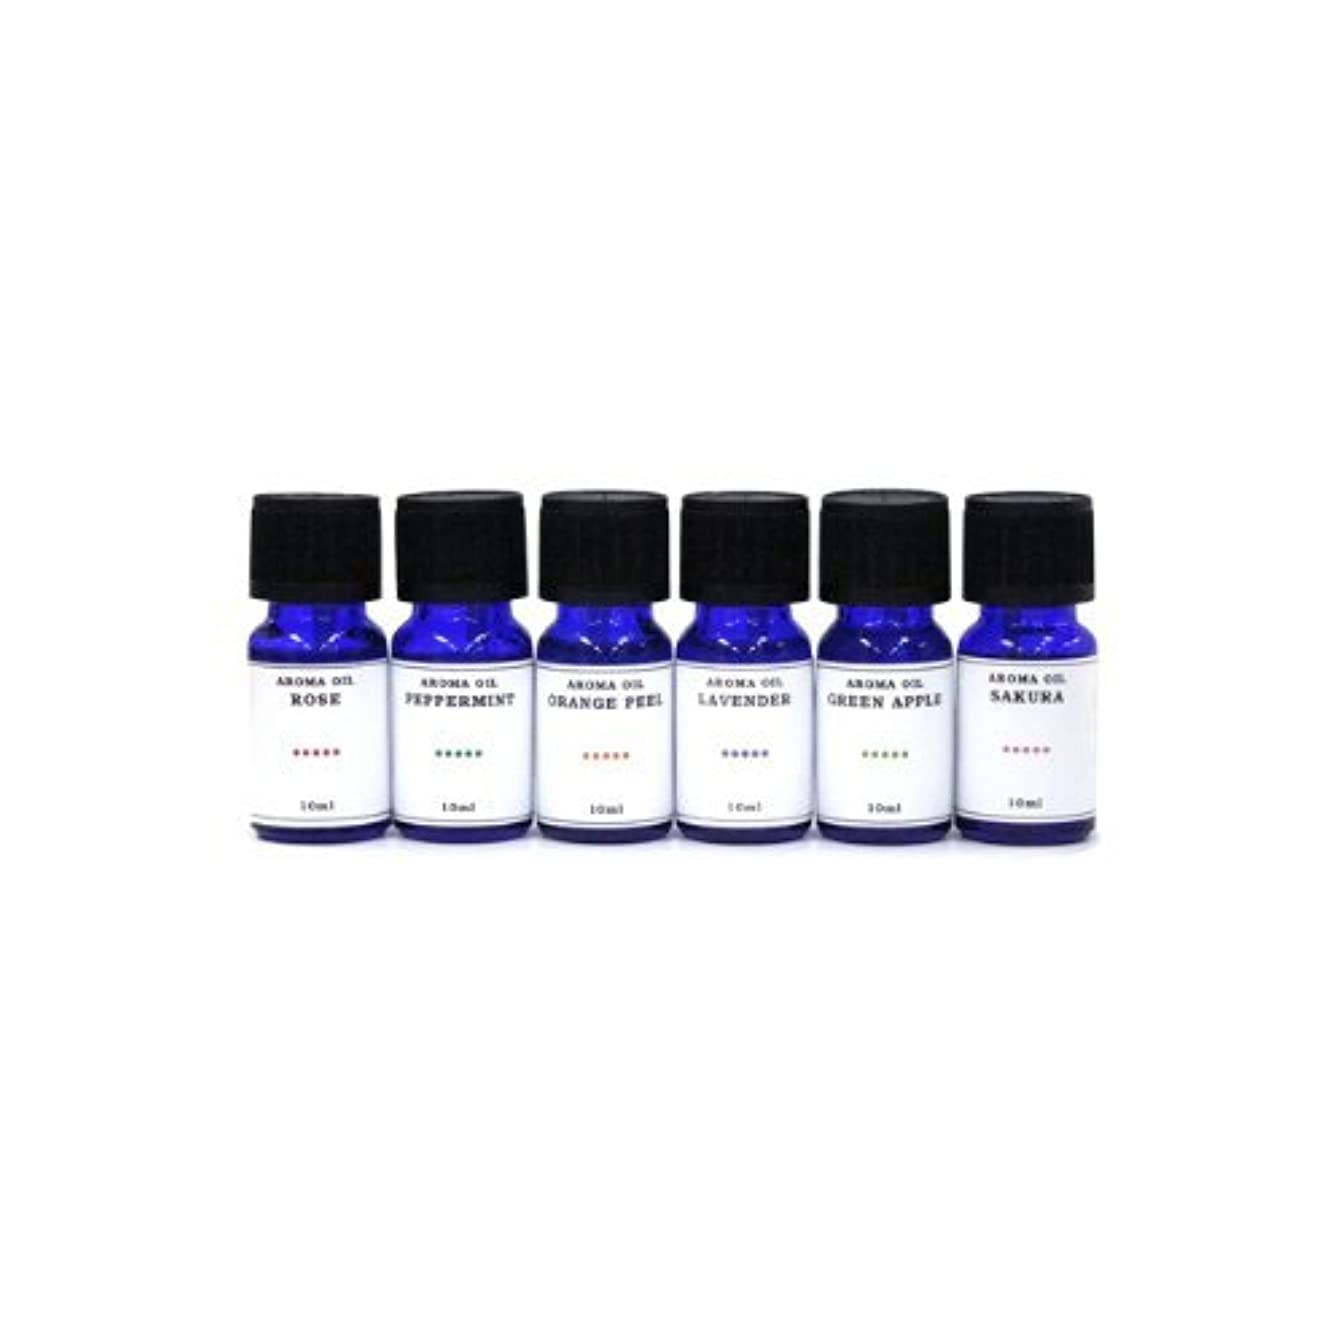 隠狂う両方水溶性アロマオイル 6種の香りセット ラベンダー/ペパーミント/オレンジピール/サクラ/グリーンアップル/ローズ